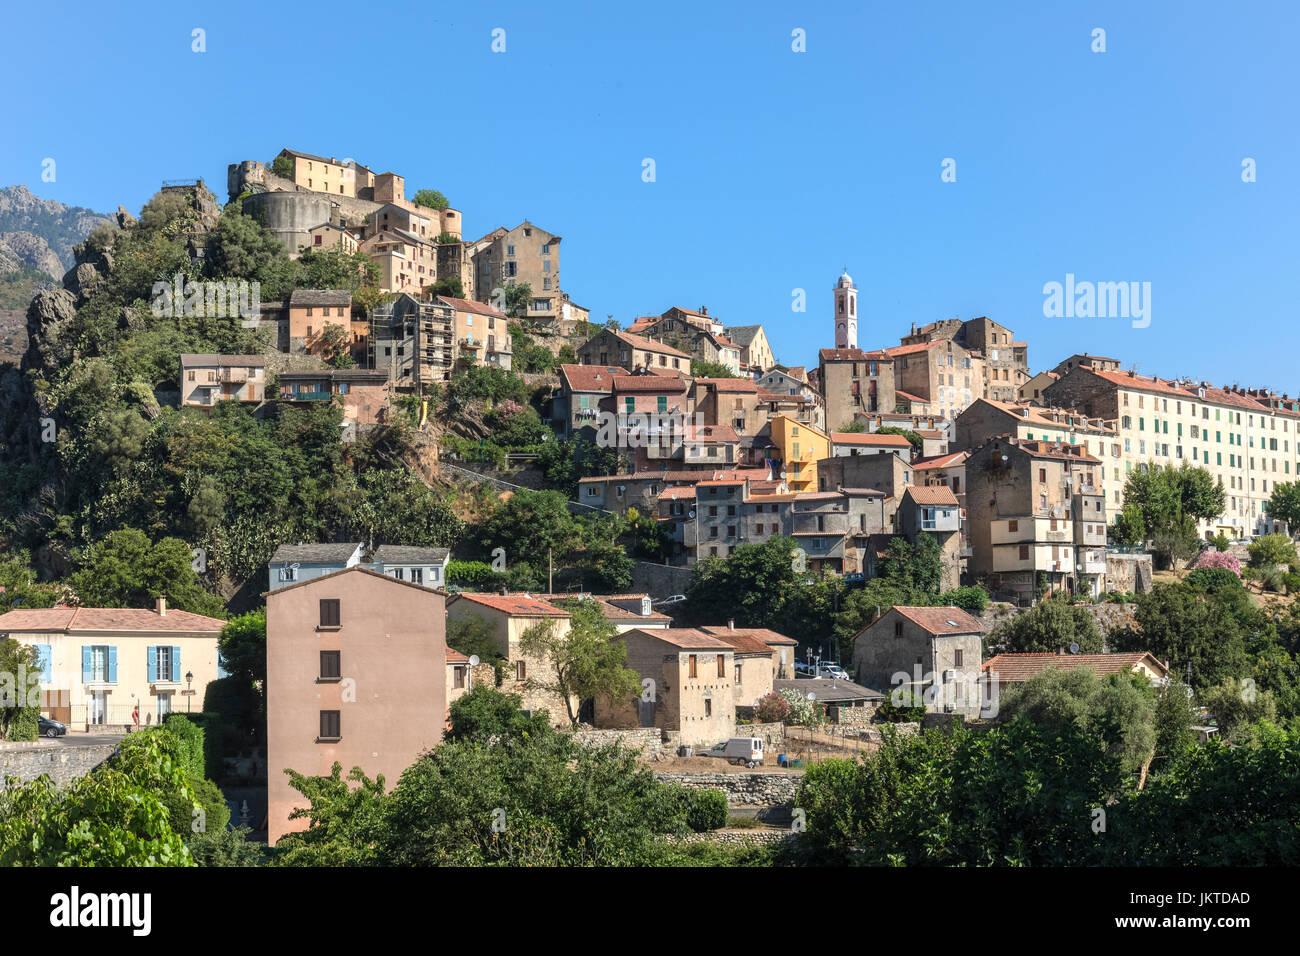 Corte, Haute-Corse, Corsica, France - Stock Image